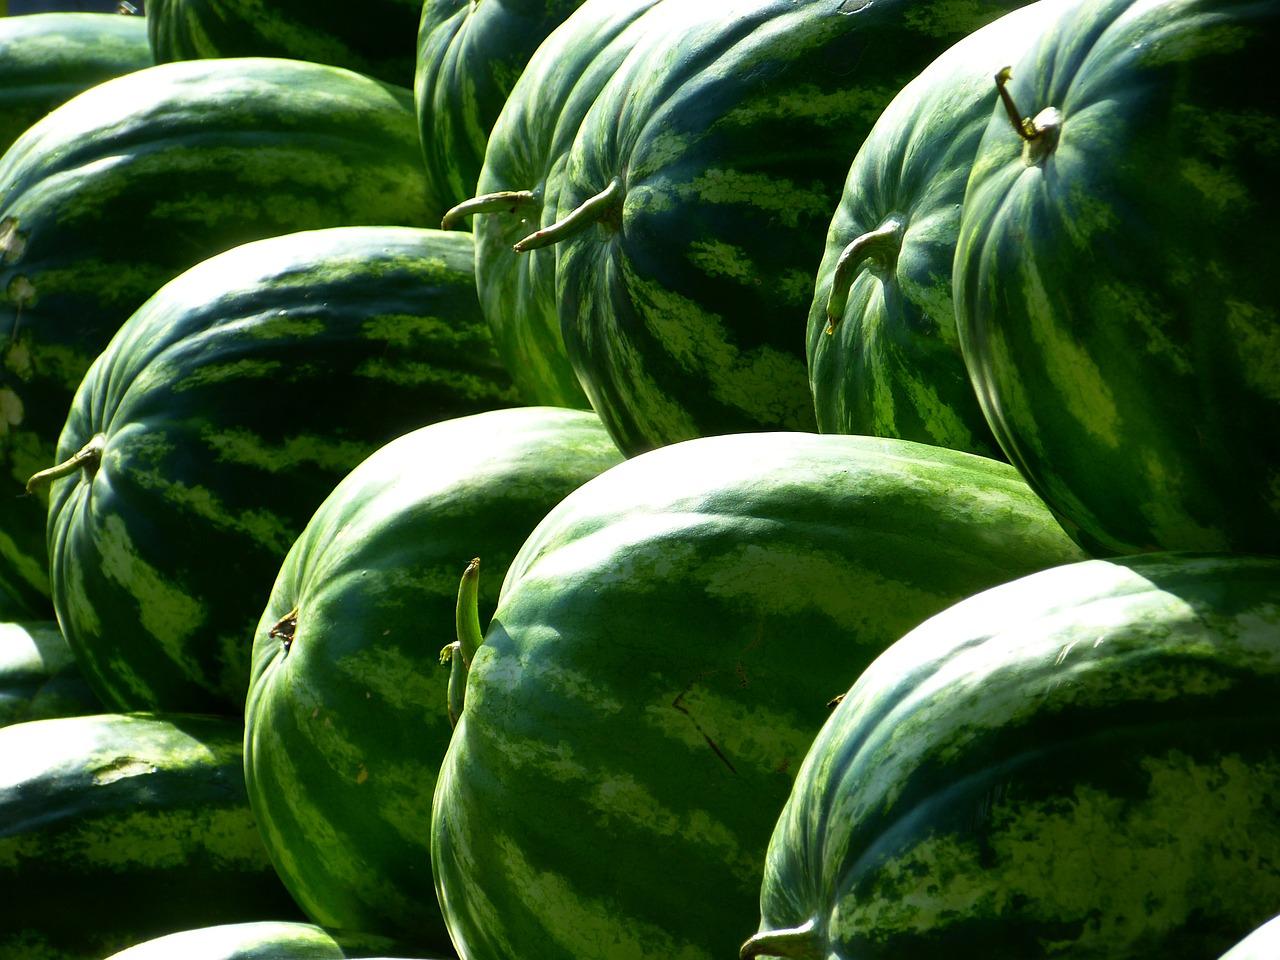 Saiba como escolher a melancia e seus benefícios para a saúde